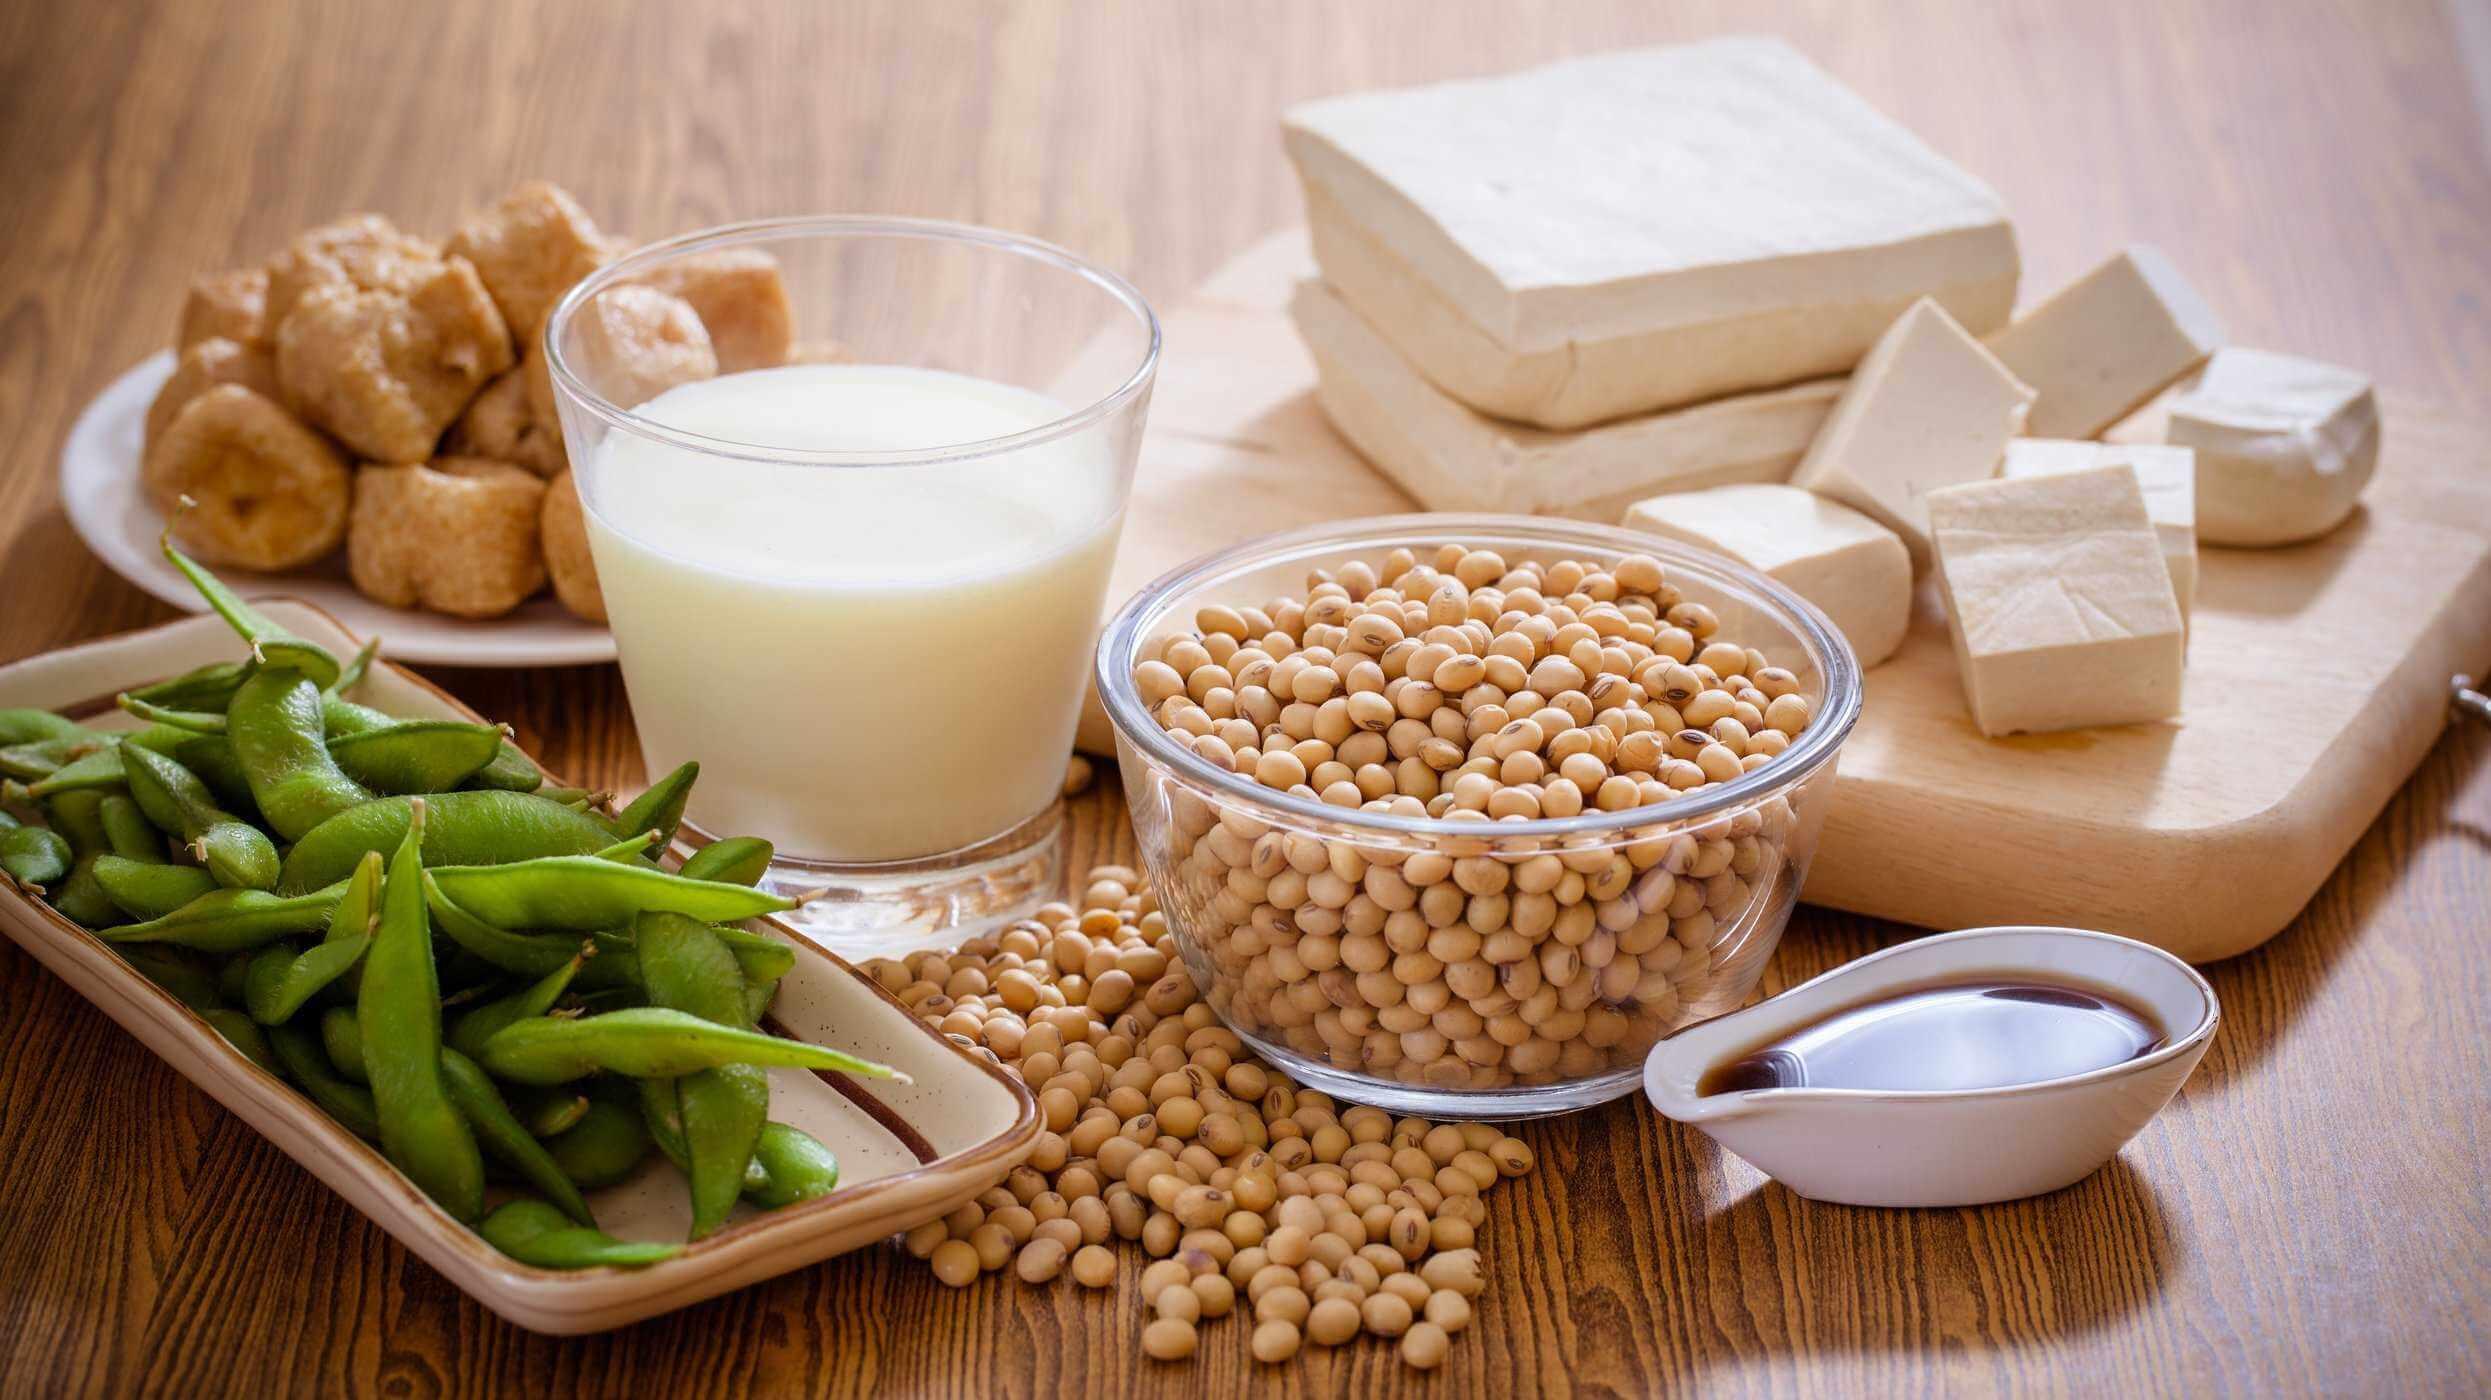 PunjabKesari, Nari, Weight Loss Food, Health Tips Image